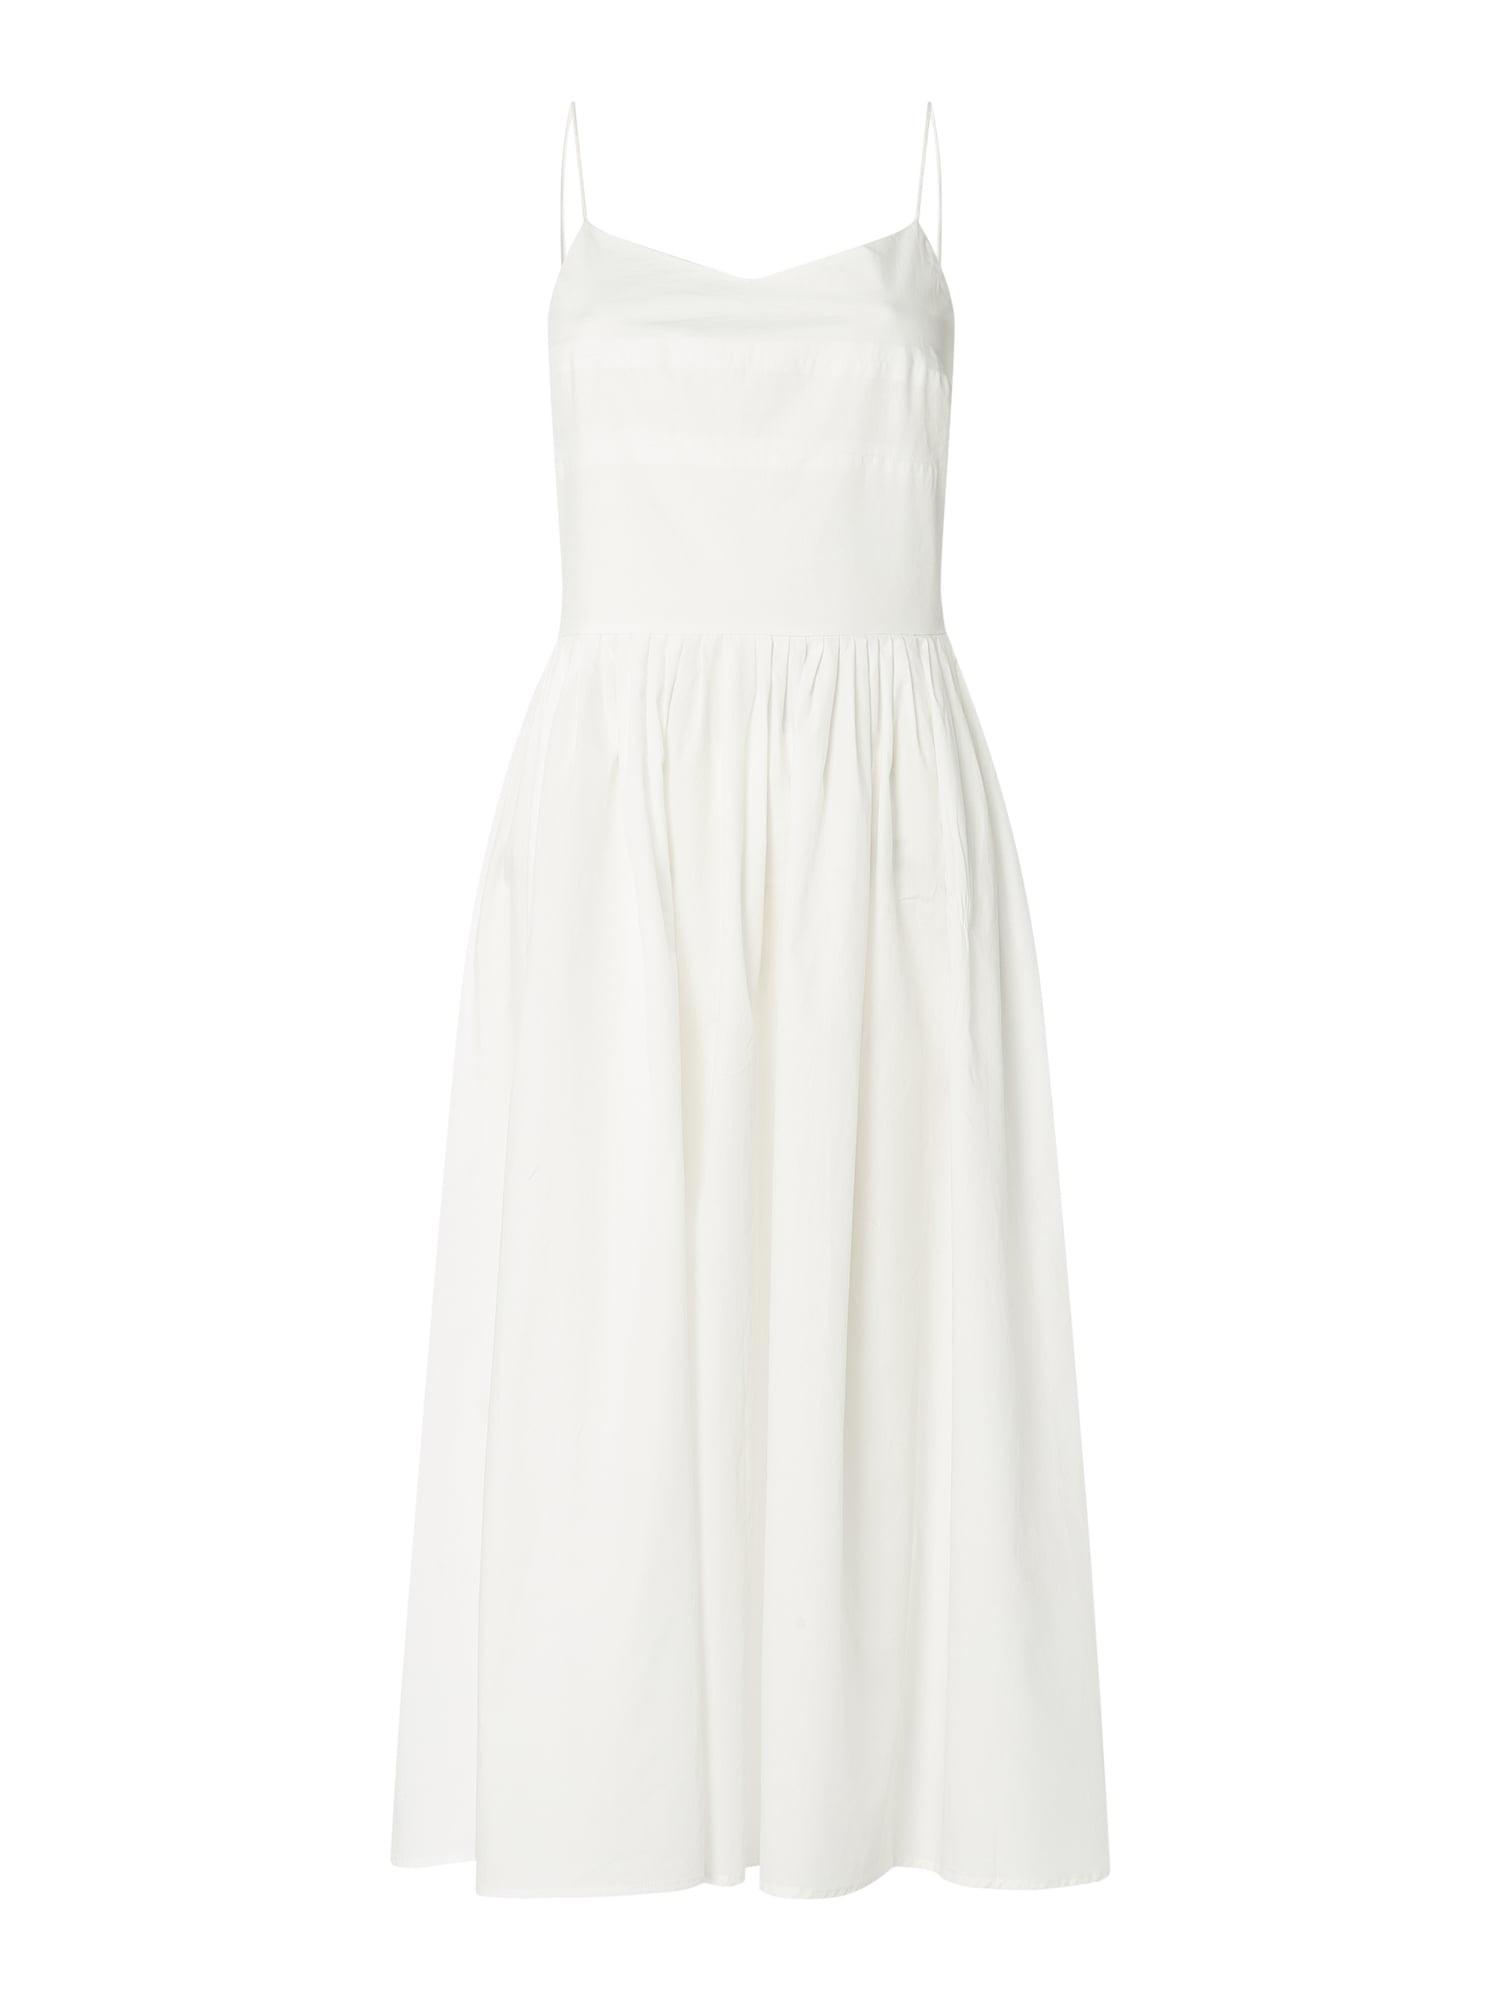 Yas Kleid Aus Biobaumwolle Modell 'Terra' In Weiß Online